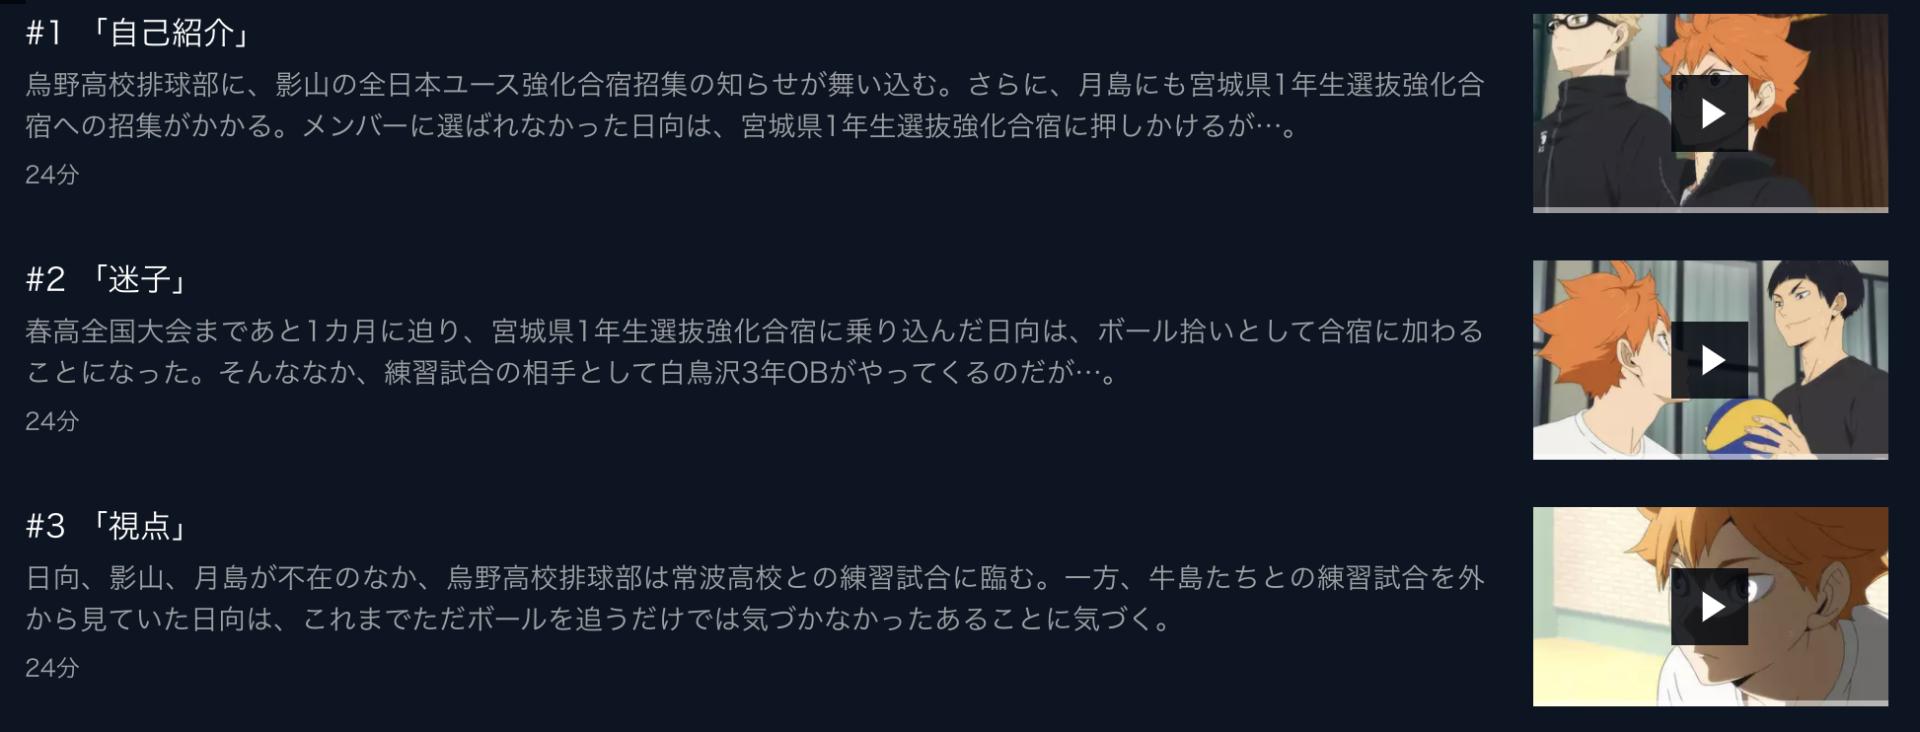 ハイキューアニメ